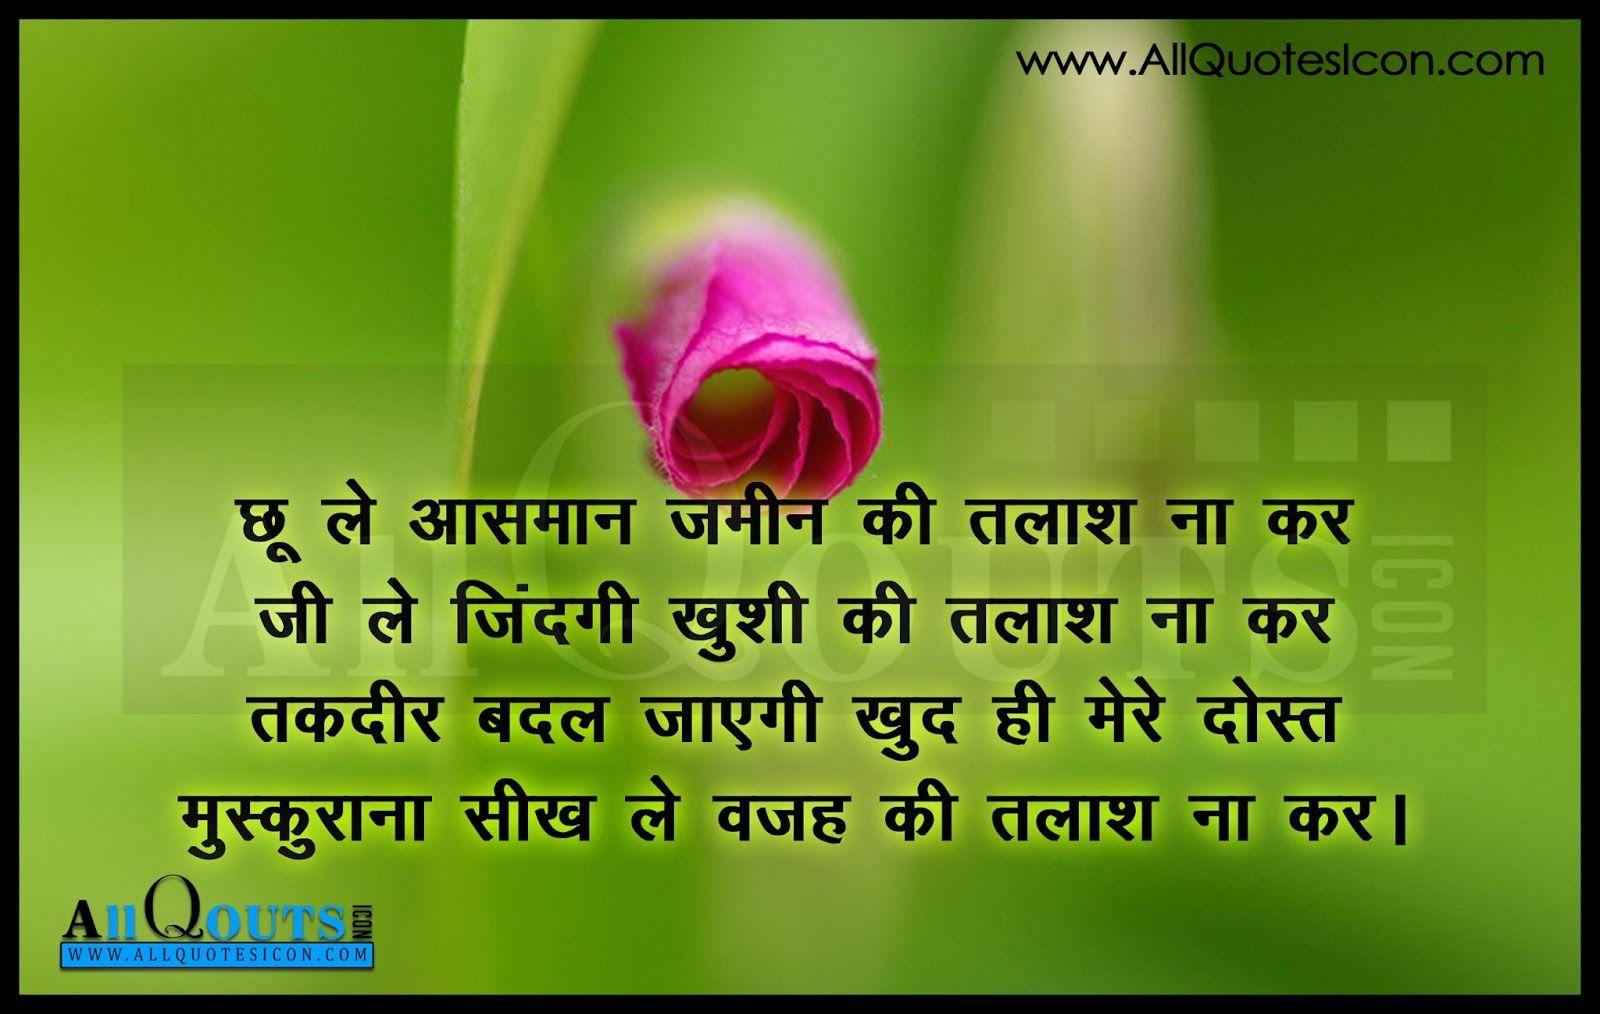 Inspiration+Quotes+Hindi+1.JPG (1600×1014) | Hindi quotes ...